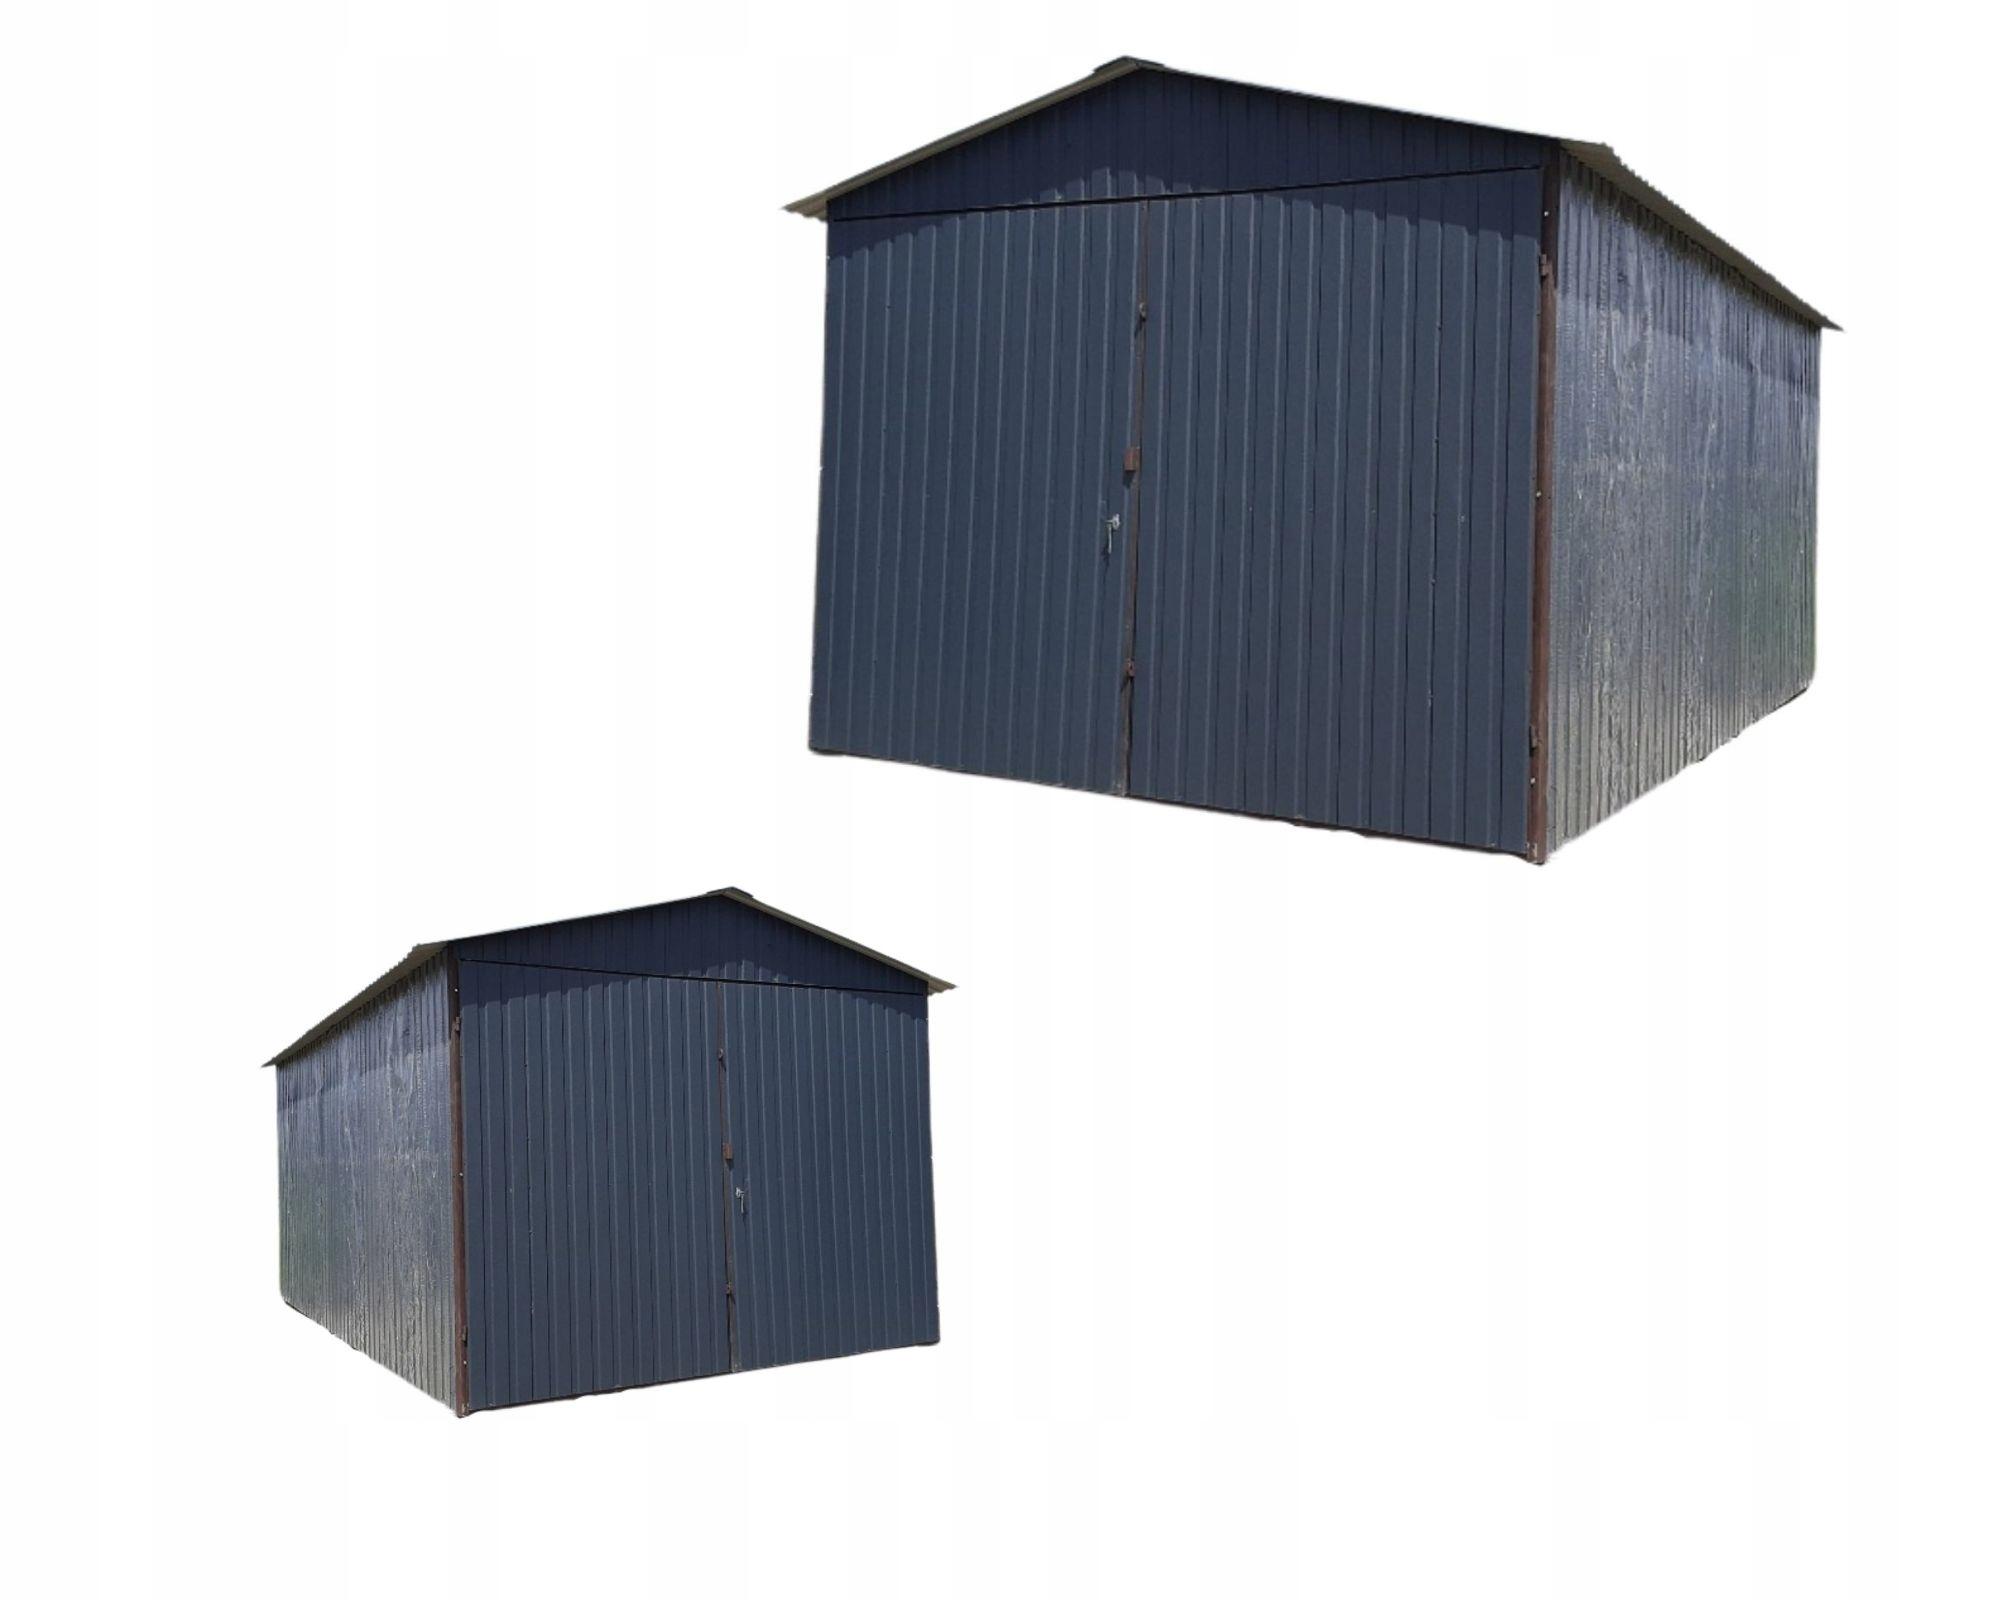 Жестяные гаражи, жестяные гаражи, гараж 3х5, графит, Малопольское воеводство